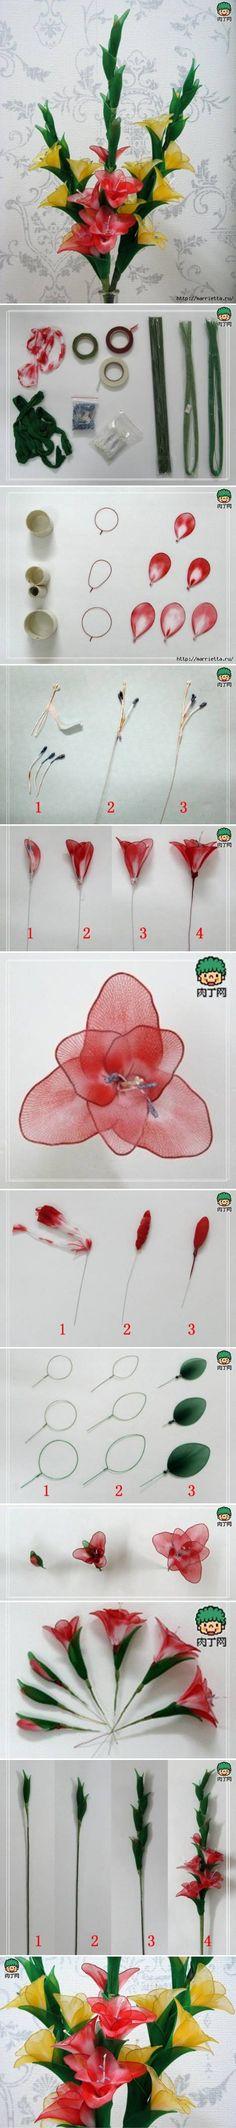 DIY Nylon Galdiolus Flower DIY Nylon Galdiolus Flower